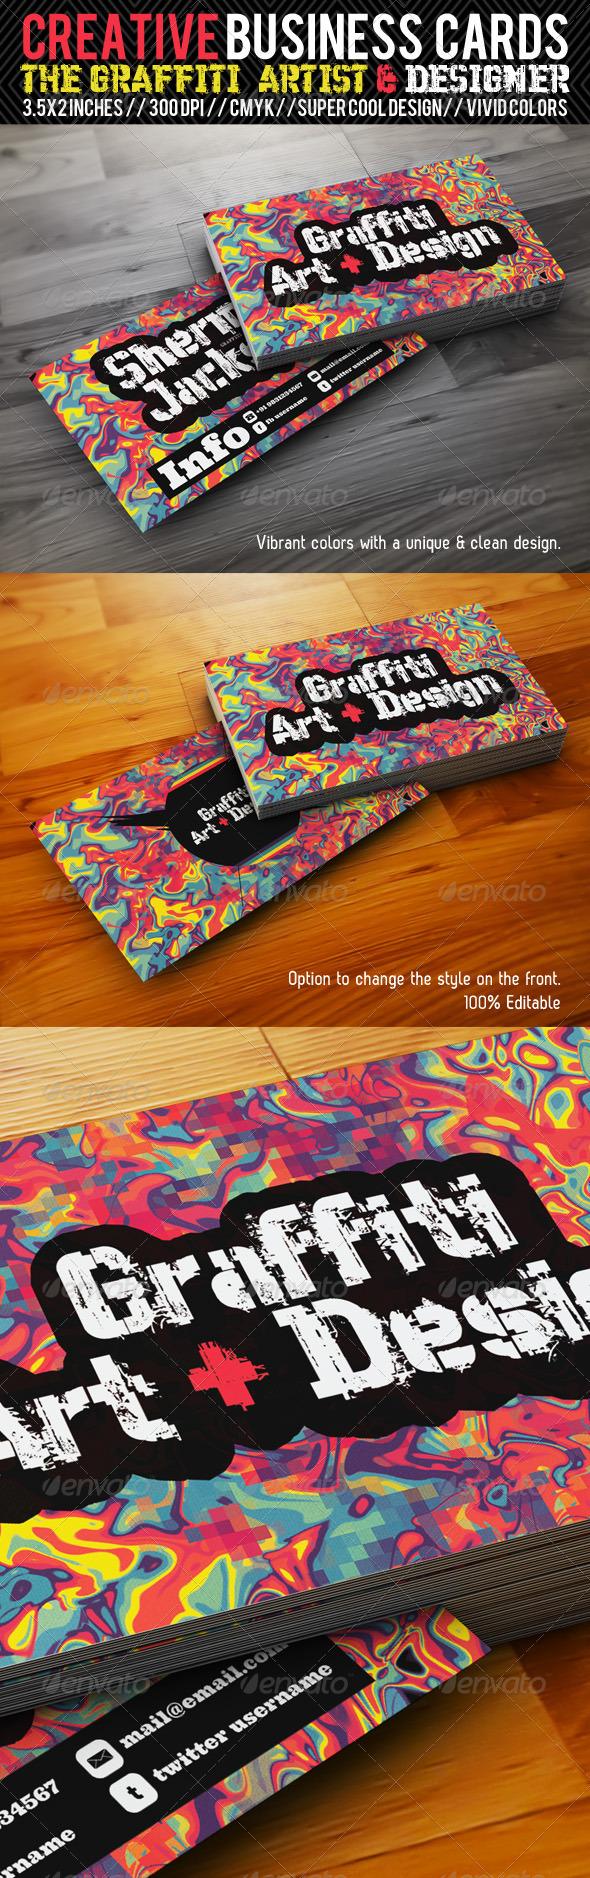 GraphicRiver Creative Business Card#3-Grafitti Art & Designer 1837426